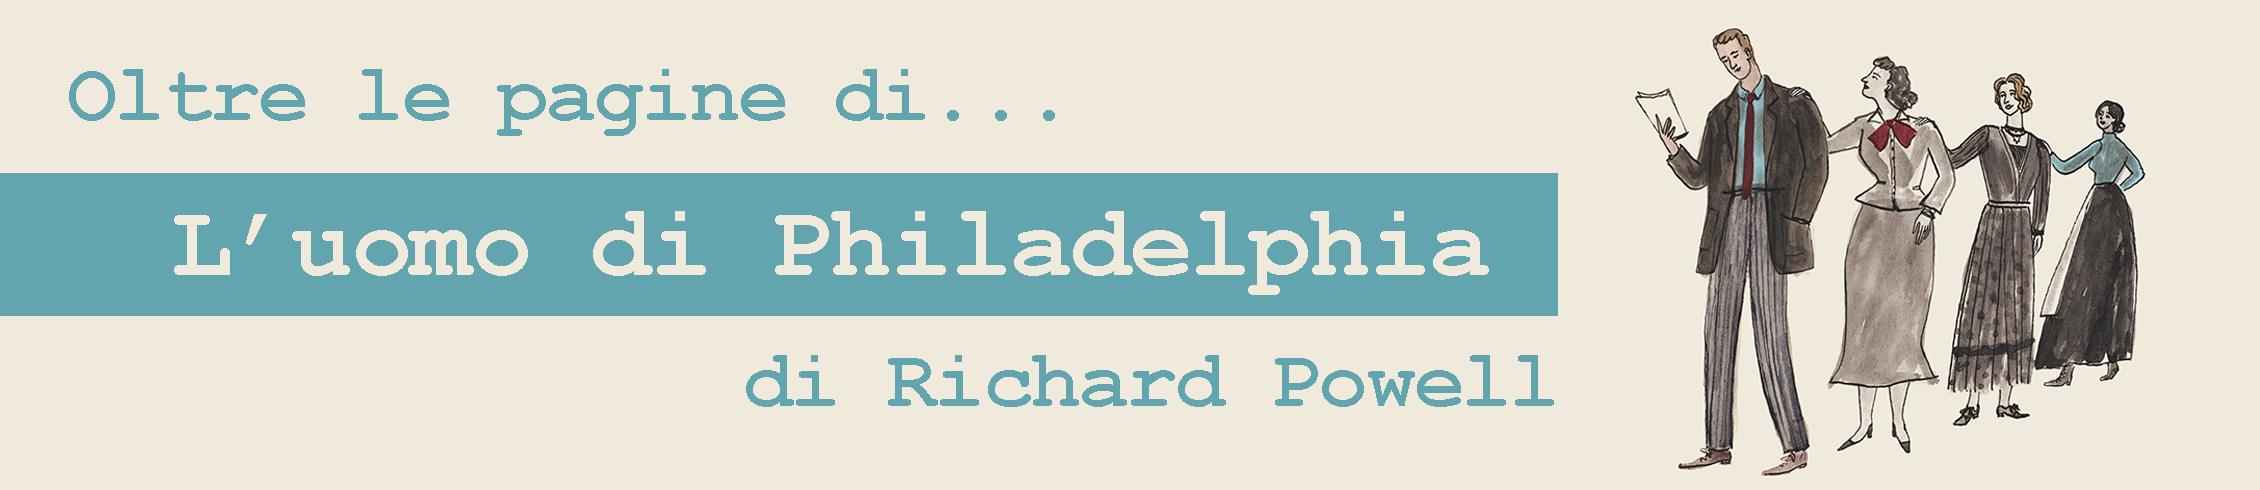 contenuti speciali l'uomo di philadelphia